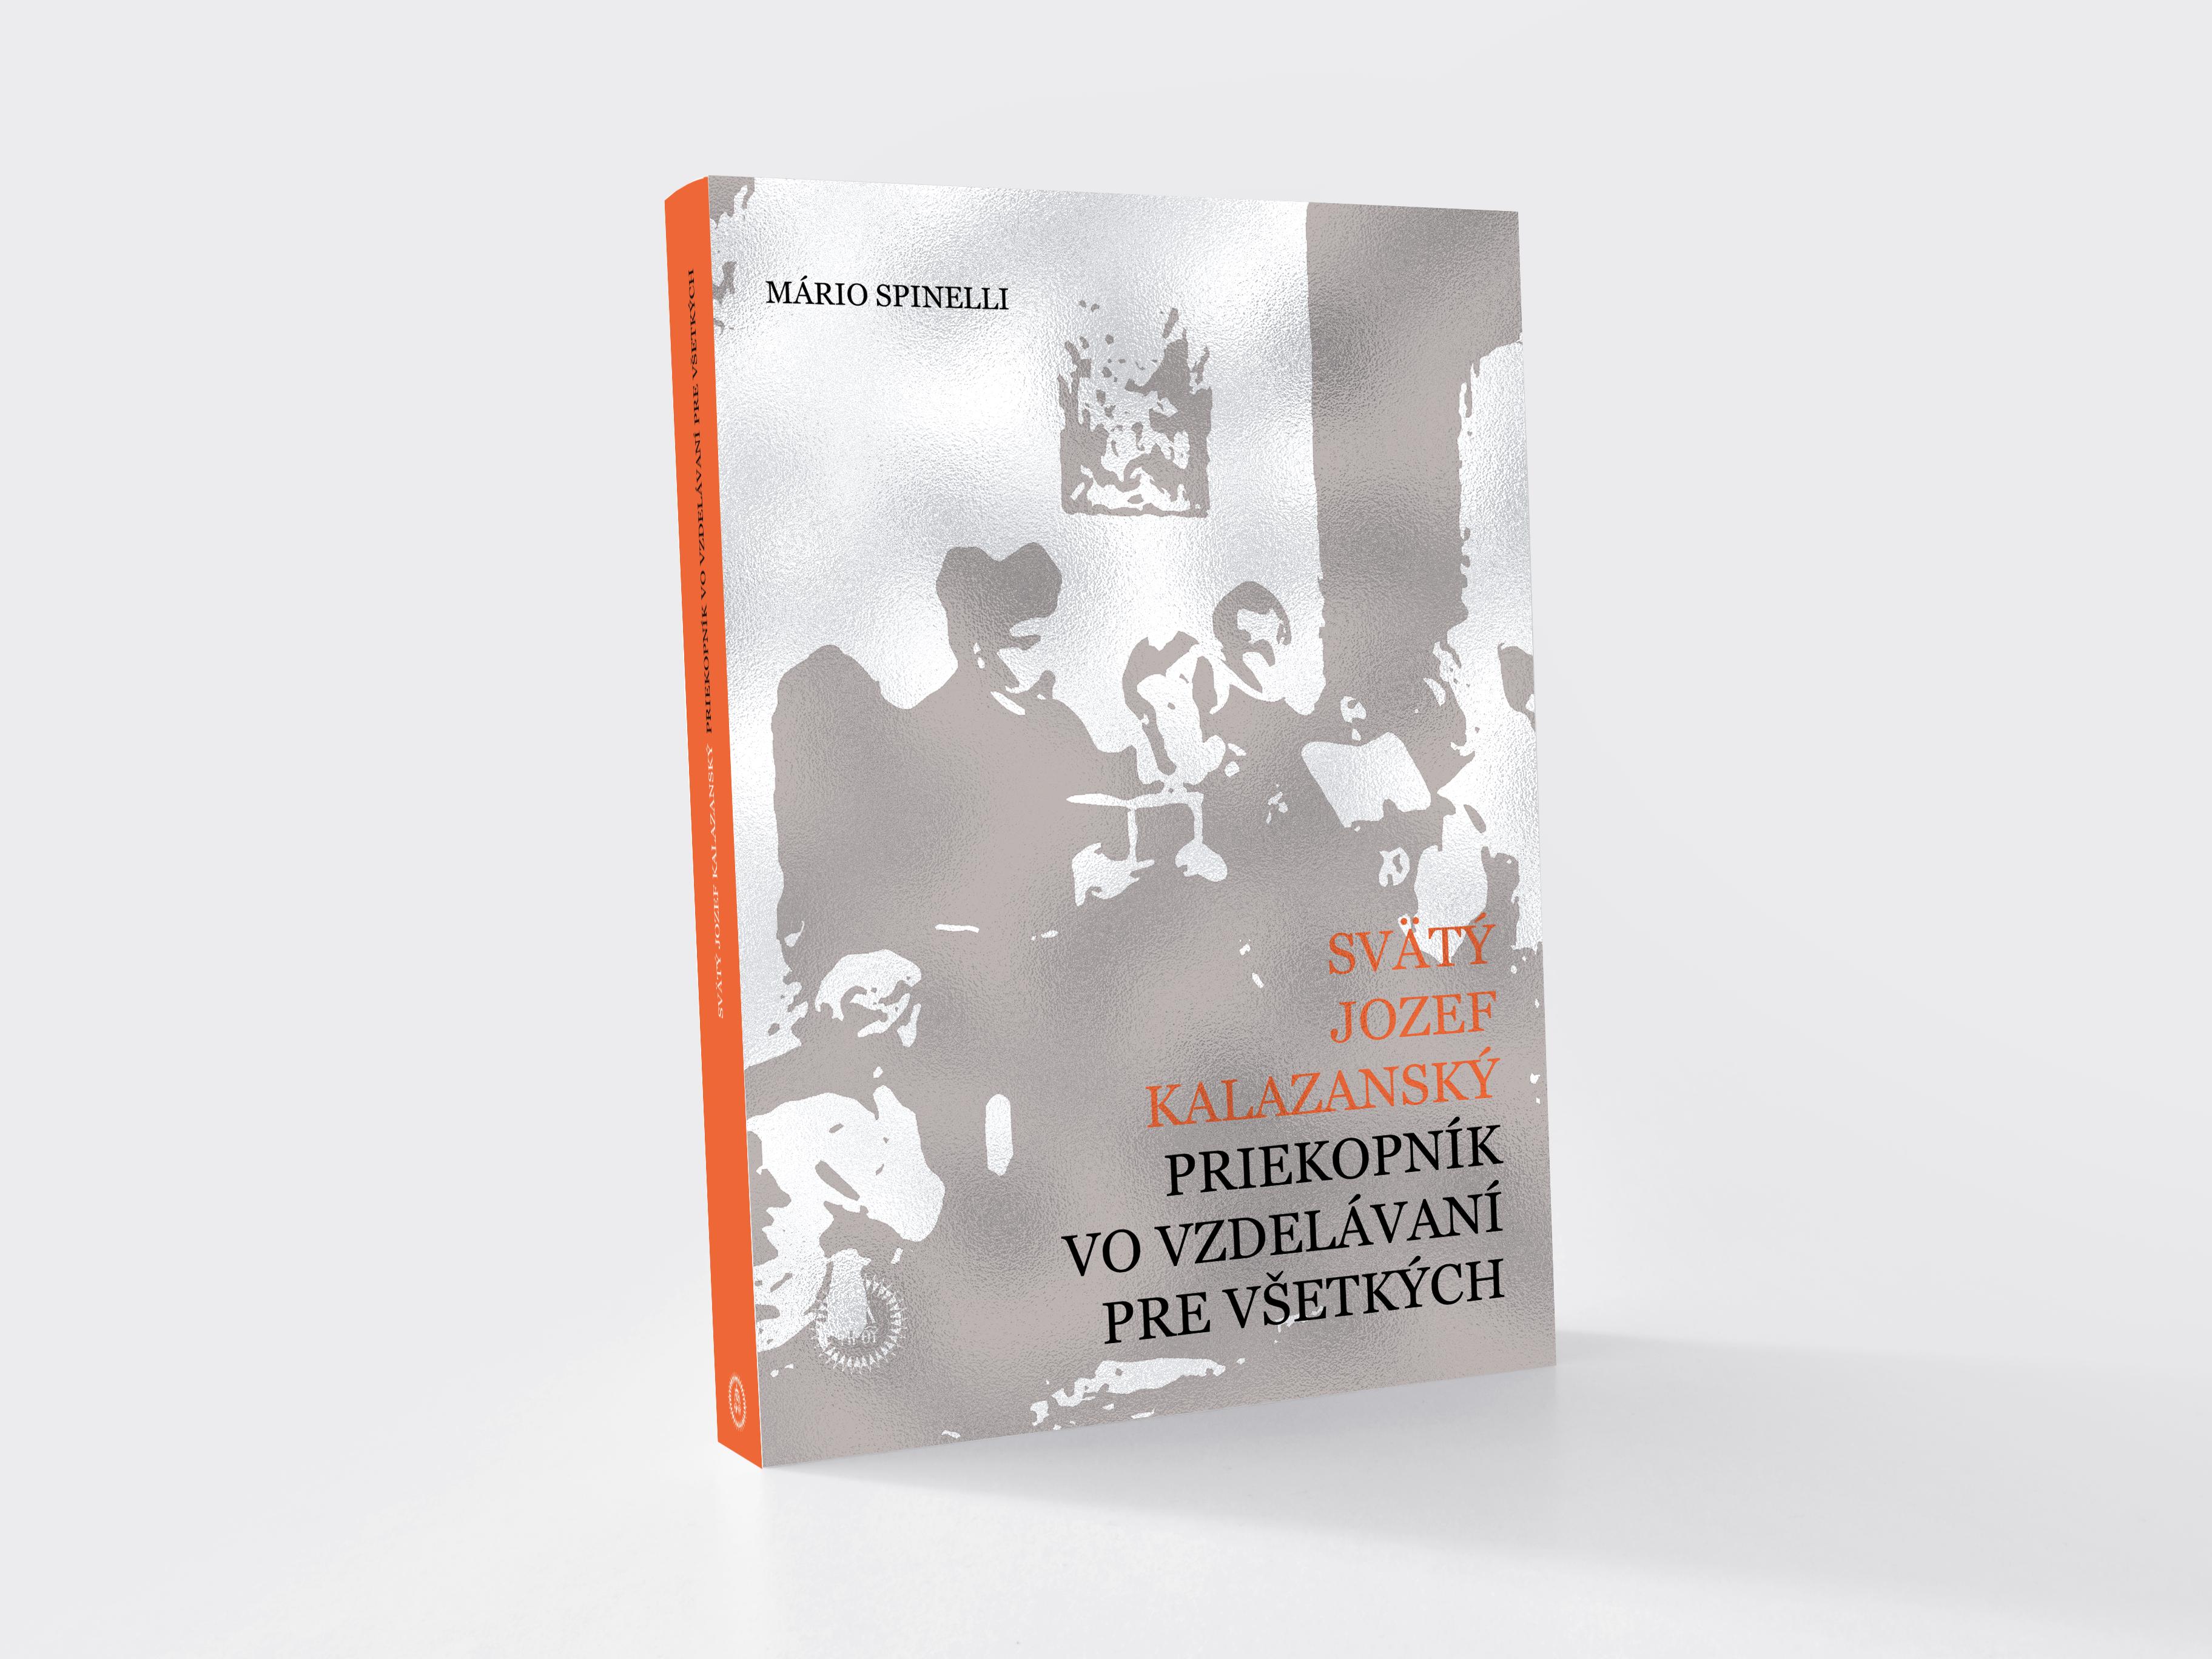 Vydávame knihu – Životopis sv. Jozefa Kalazanského